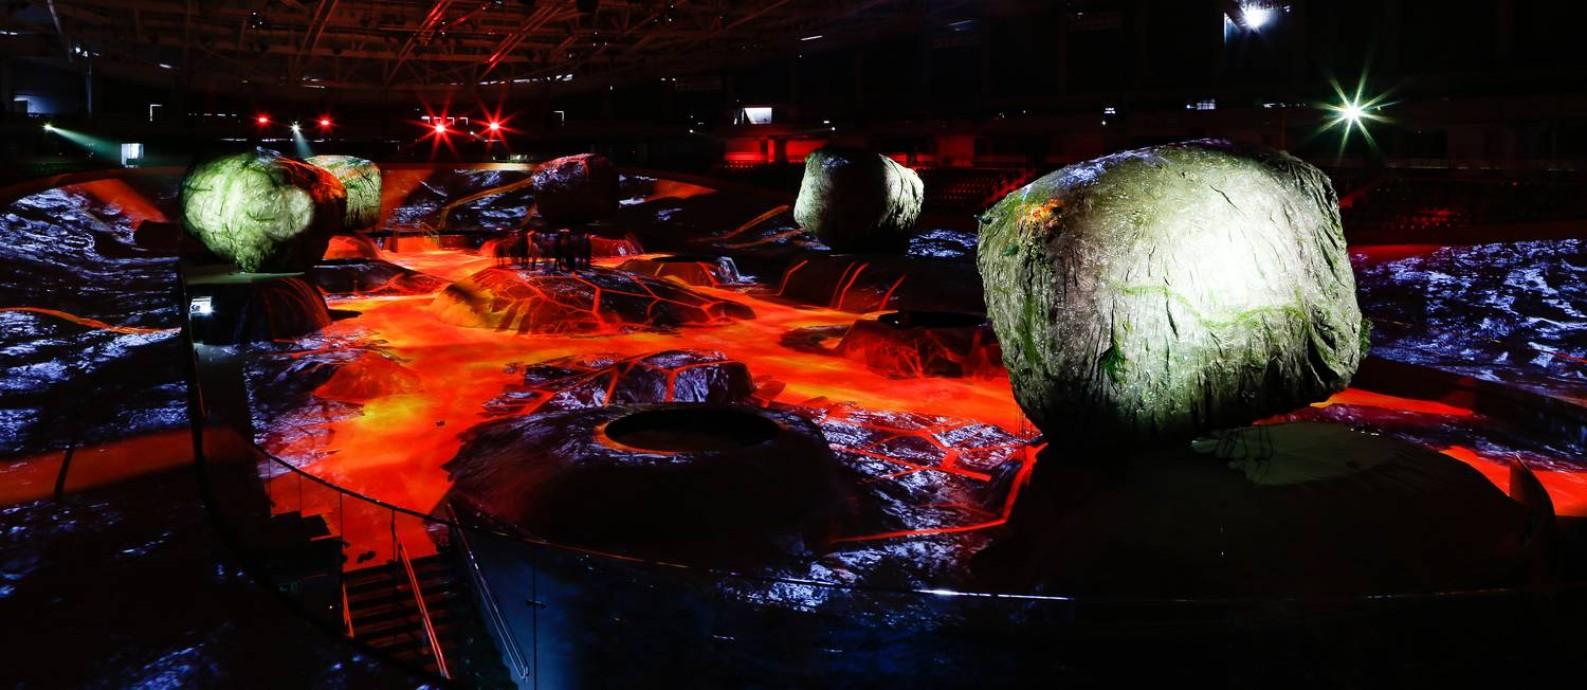 Nave: instalação tem 5 mil metros quadrados de projeções mapeadas que simulam diversos fenômenos naturais Foto: Roberto Moreyra